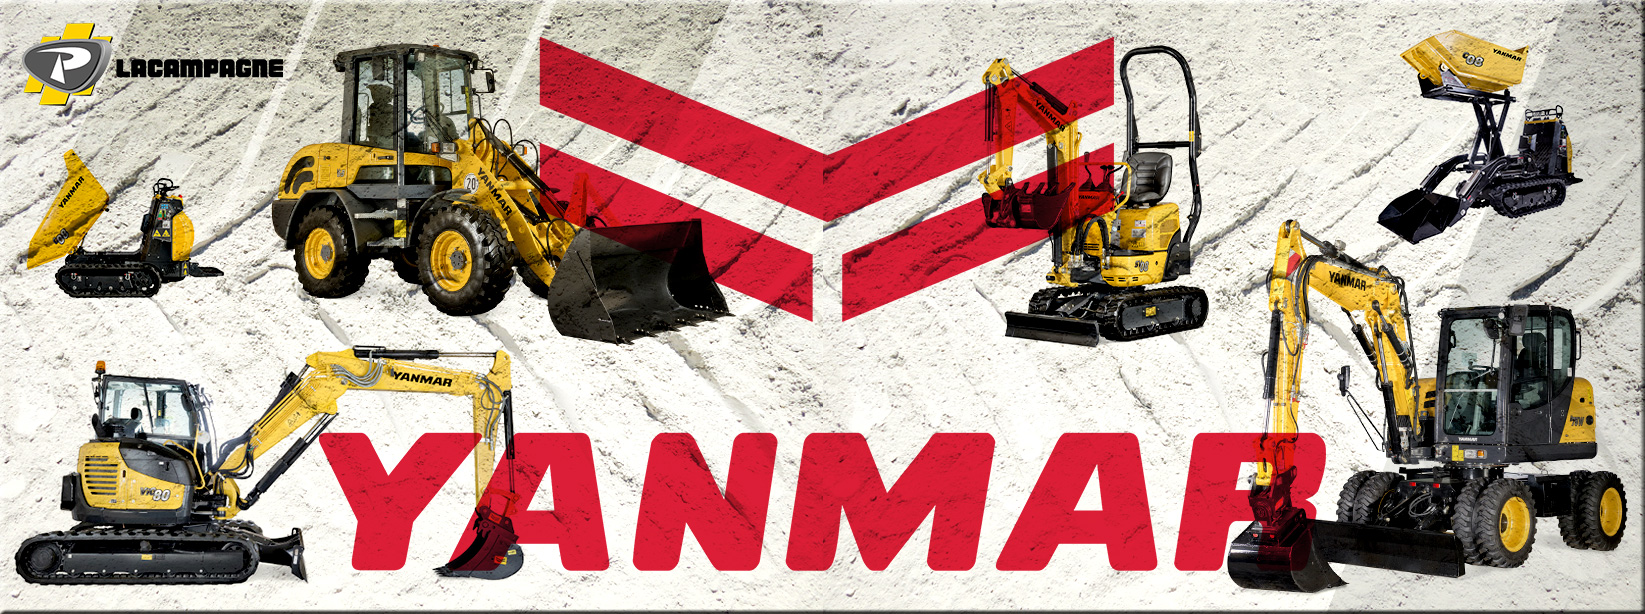 Images de présentation de gammes Yanmar : Mini pelles, Midi pelles, Carriers, Chargeuses et Pelles sur pneus